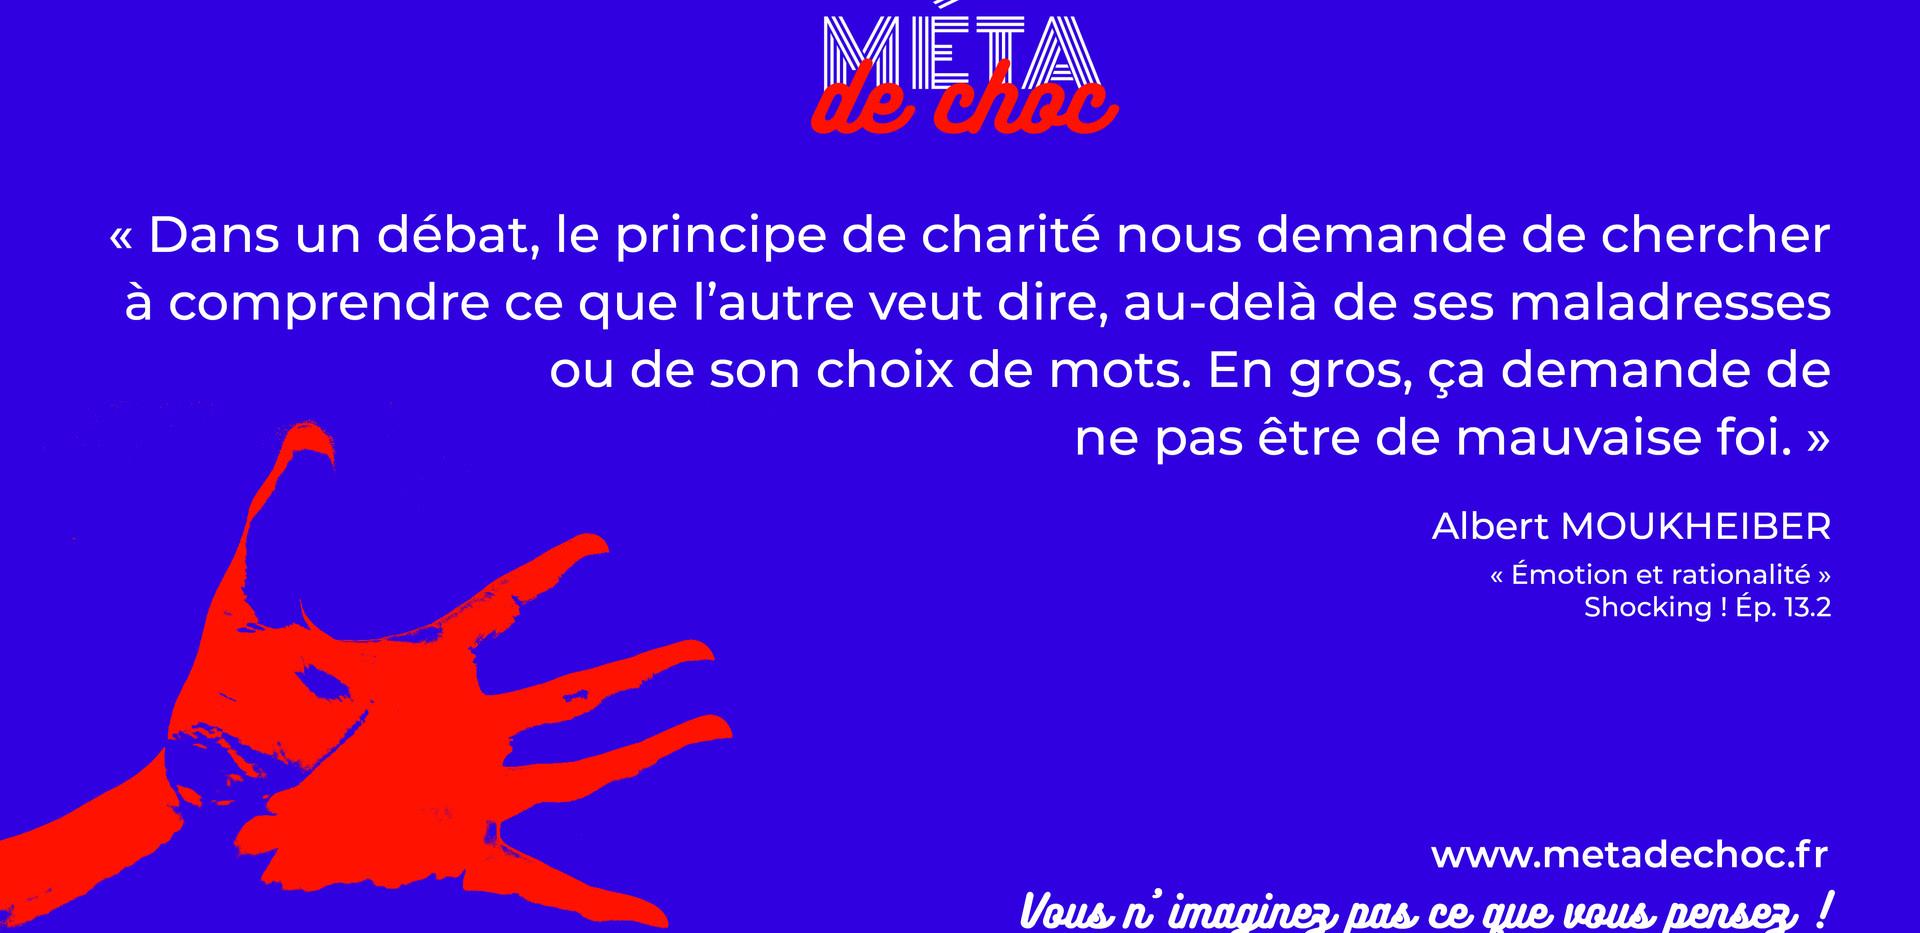 Shocking 13.2 Le principe de charité